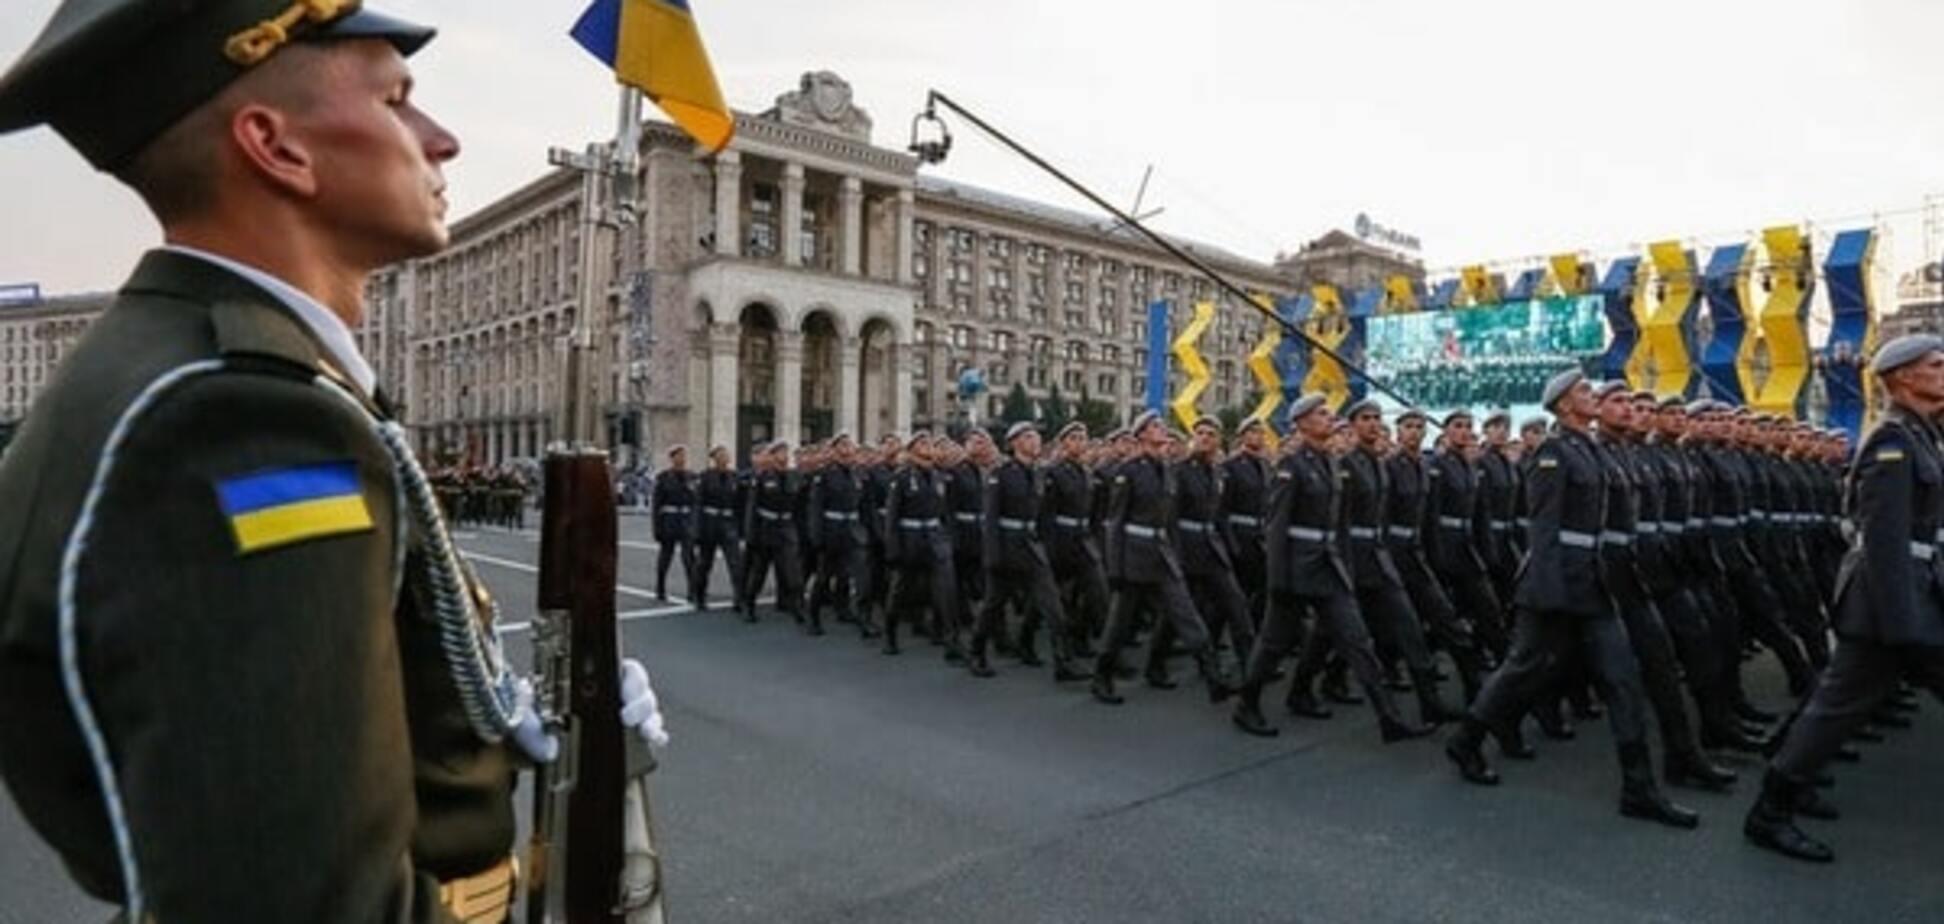 Членство Украины в НАТО не гарантировано - Столтенберг